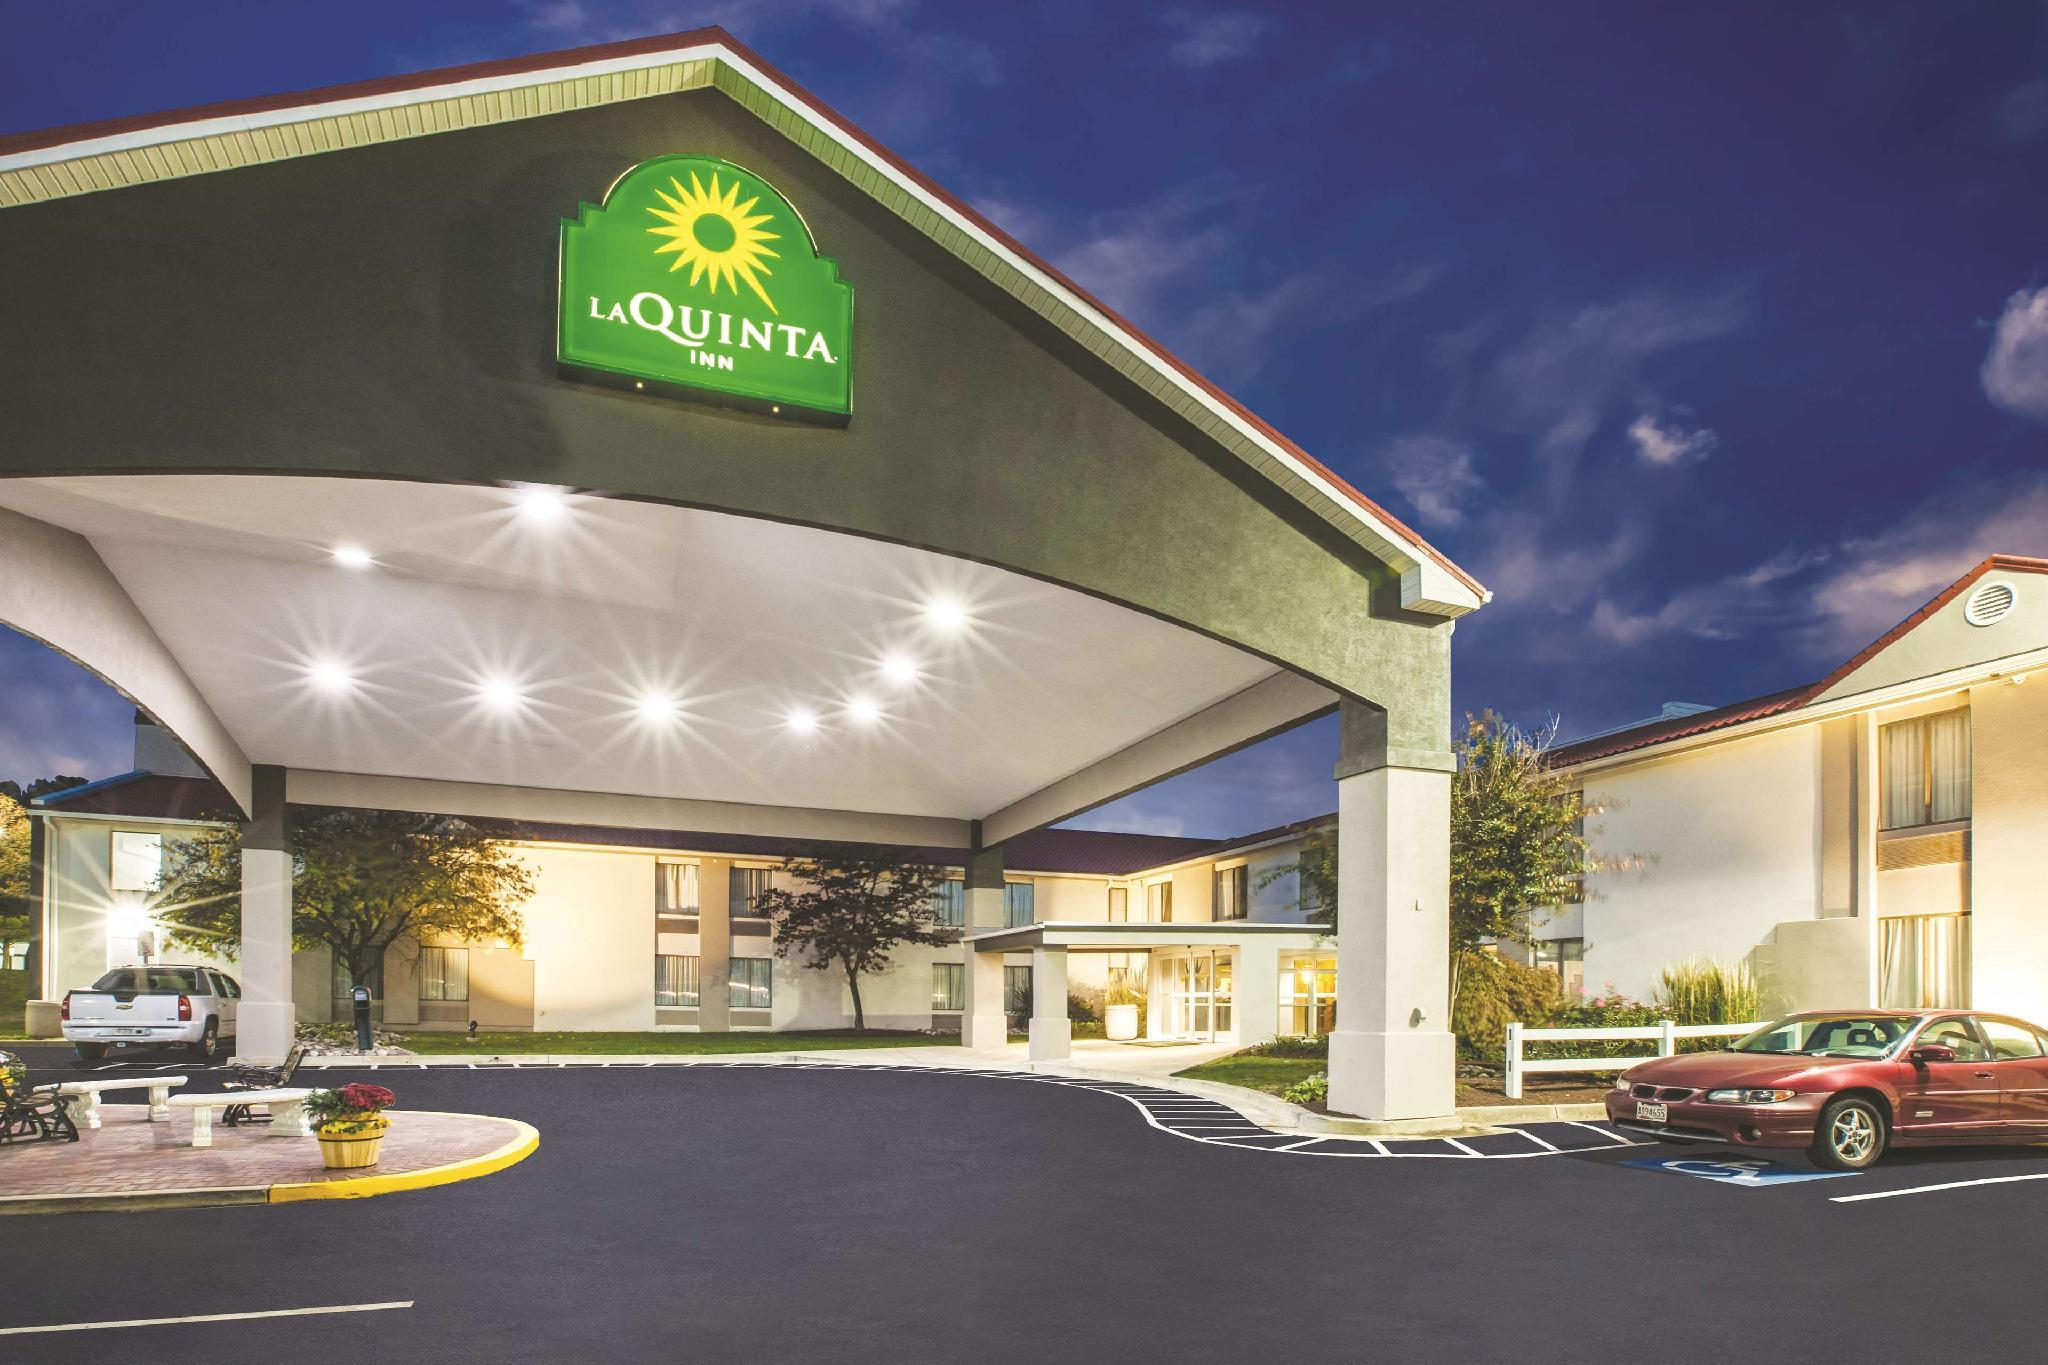 La Quinta Inn By Wyndham Waldorf